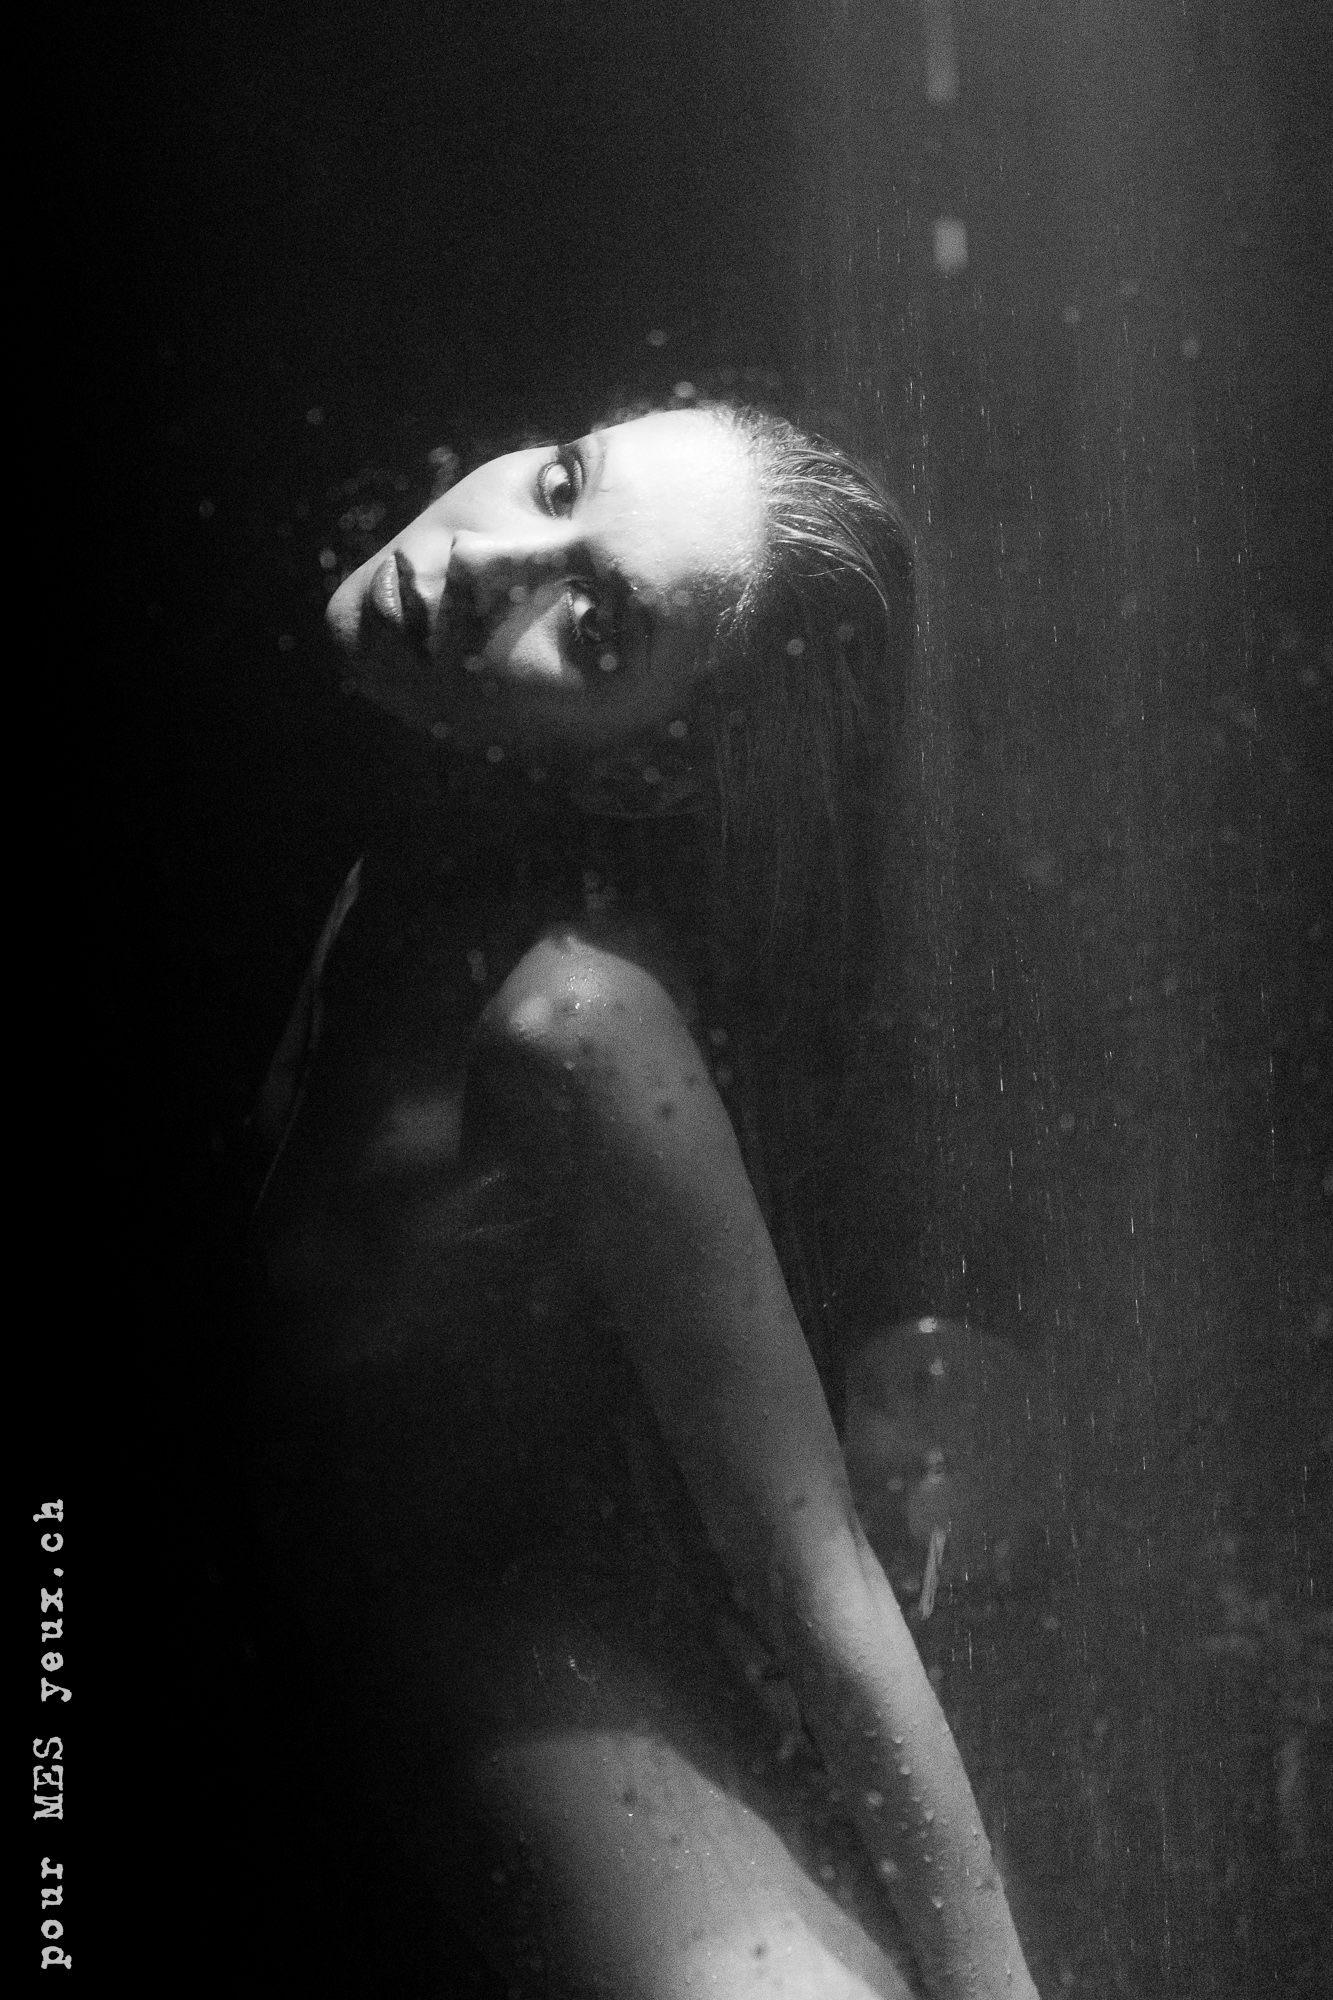 jenny suv femme genève modèle mannequin suisse maquilleuse danseuse nu noir blanc charme artistique portrait